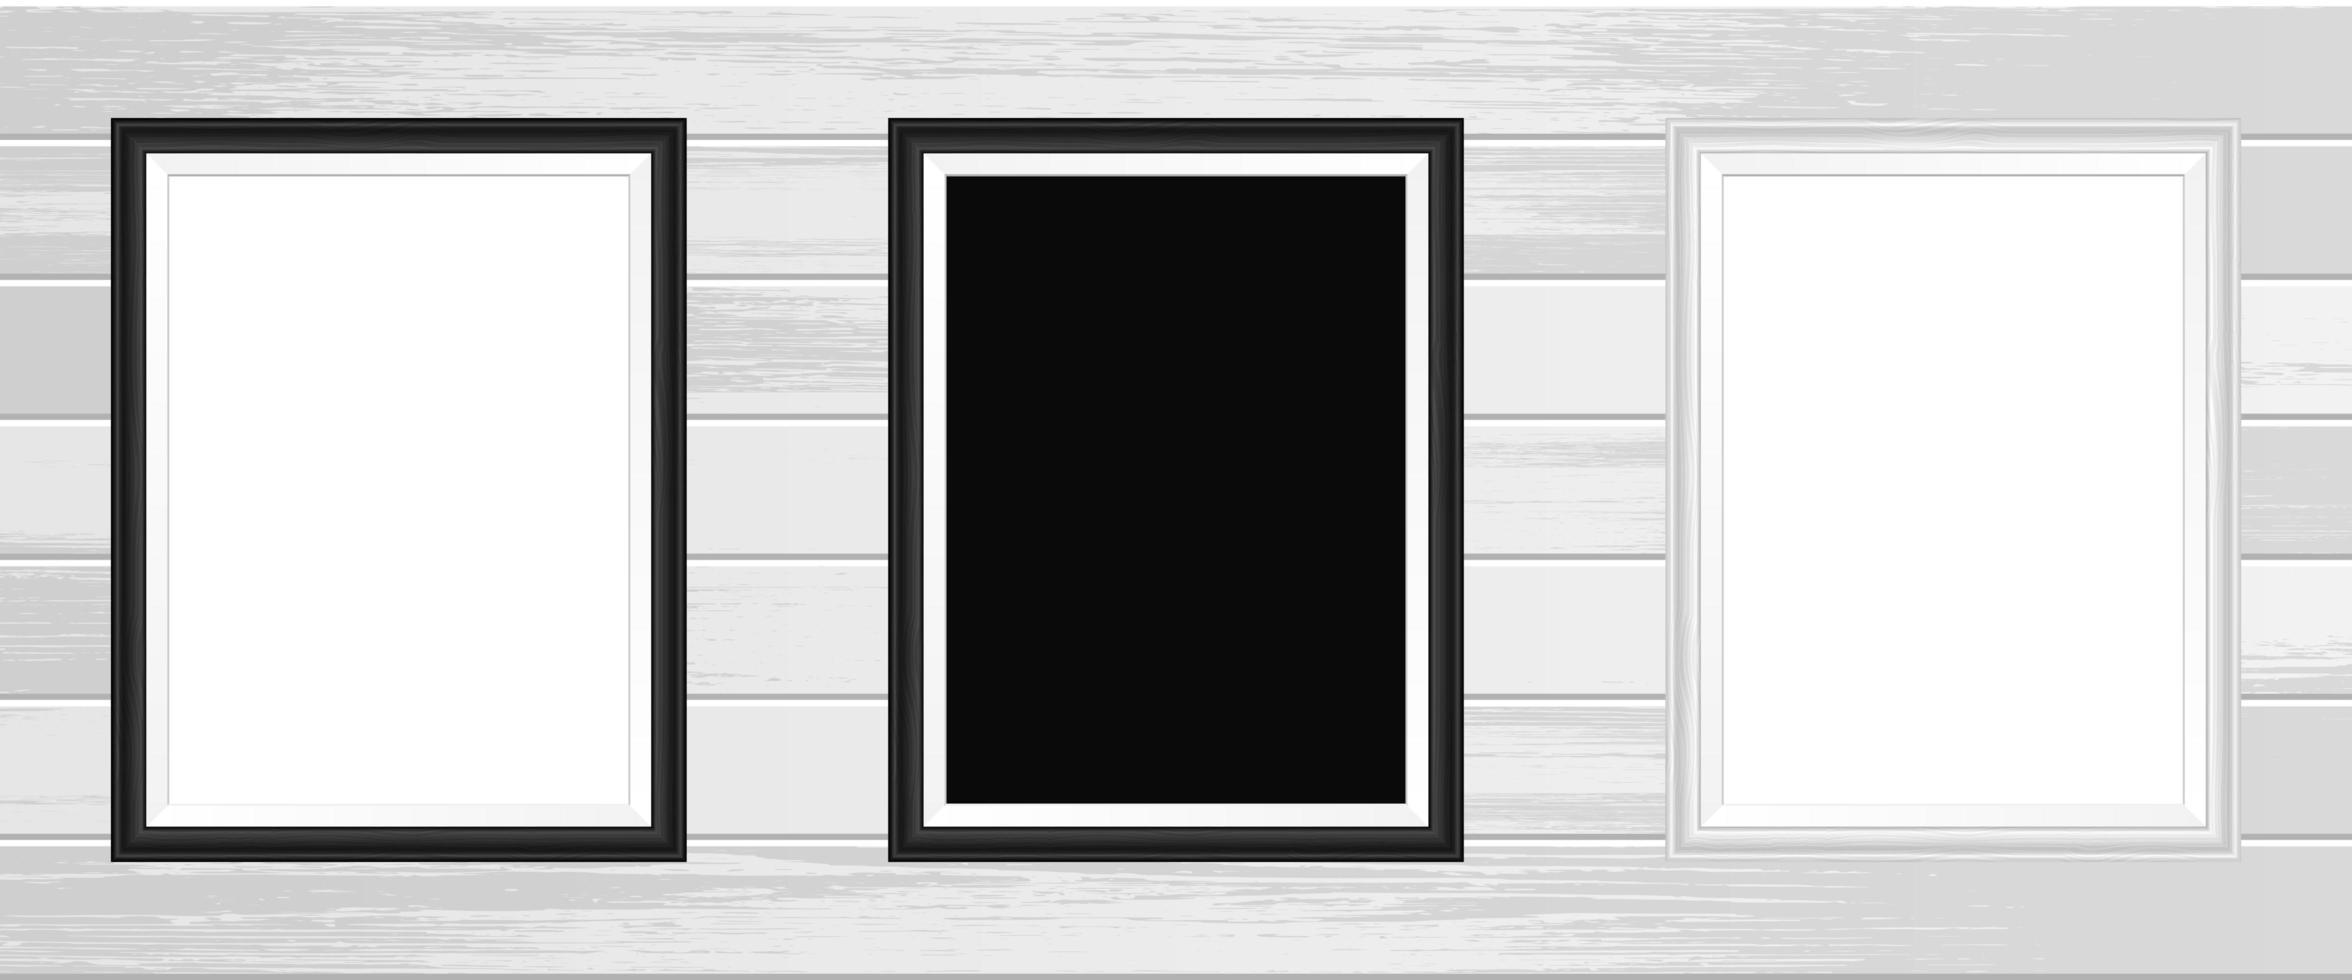 fotoram vektor design illustration isolerad på trä bakgrund